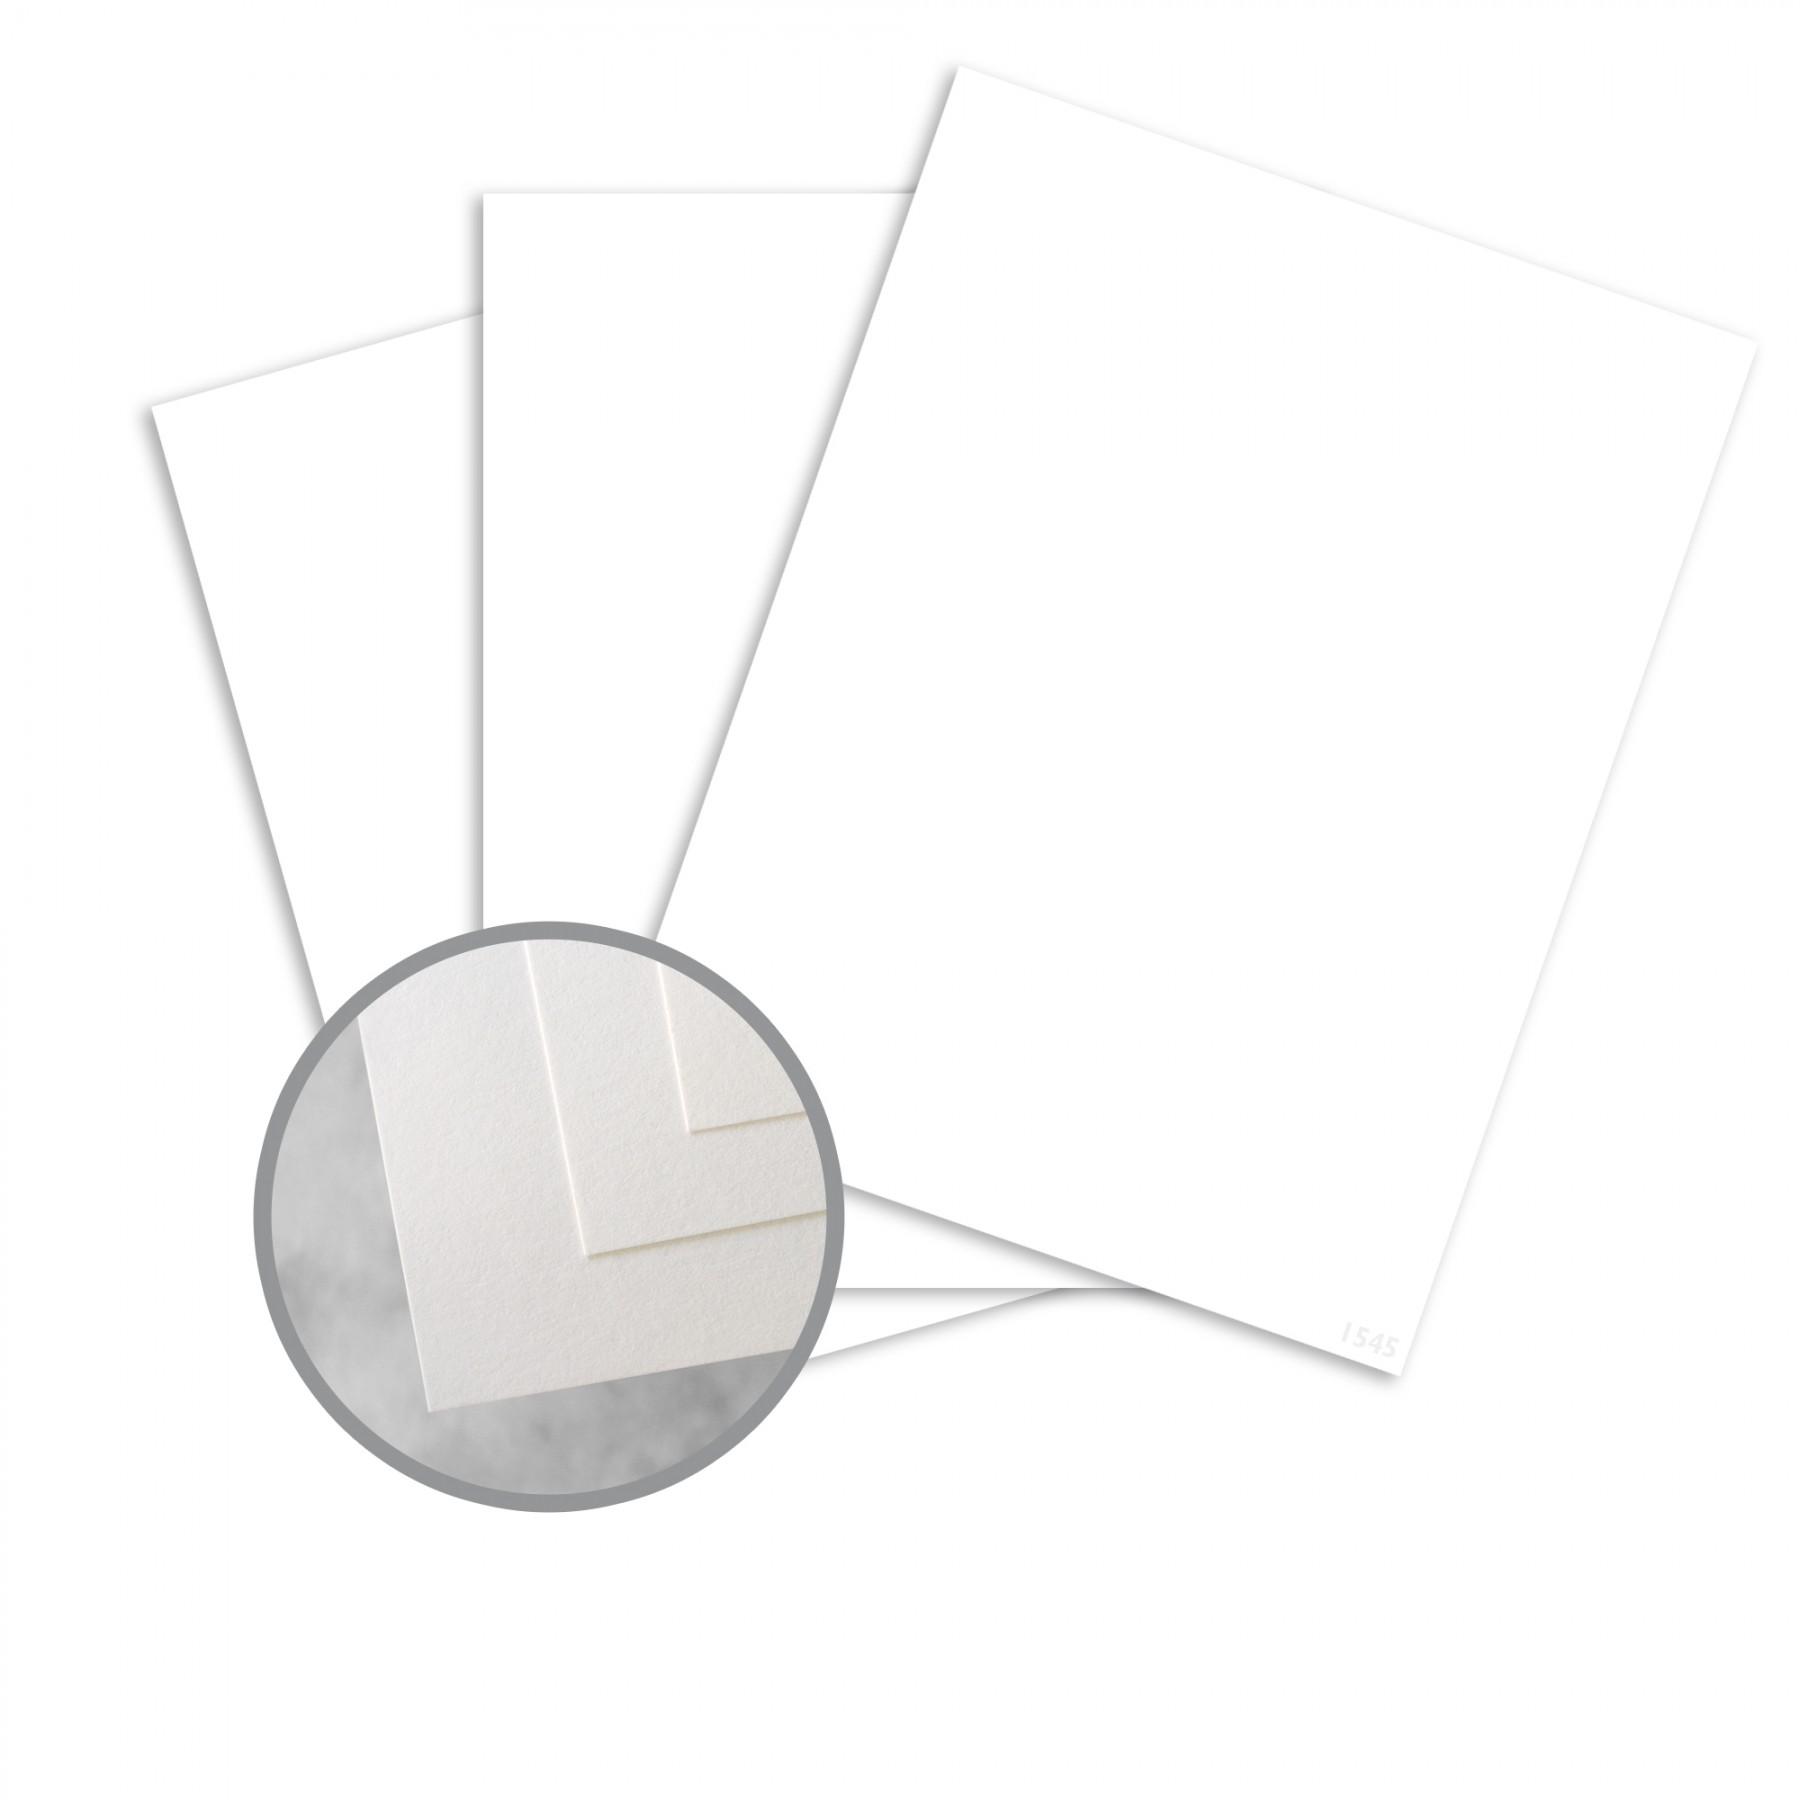 Exact Vellum Bristol White Paper - 8 1/2 x 11 in 67 lb Bristol Vellum 250 per Package